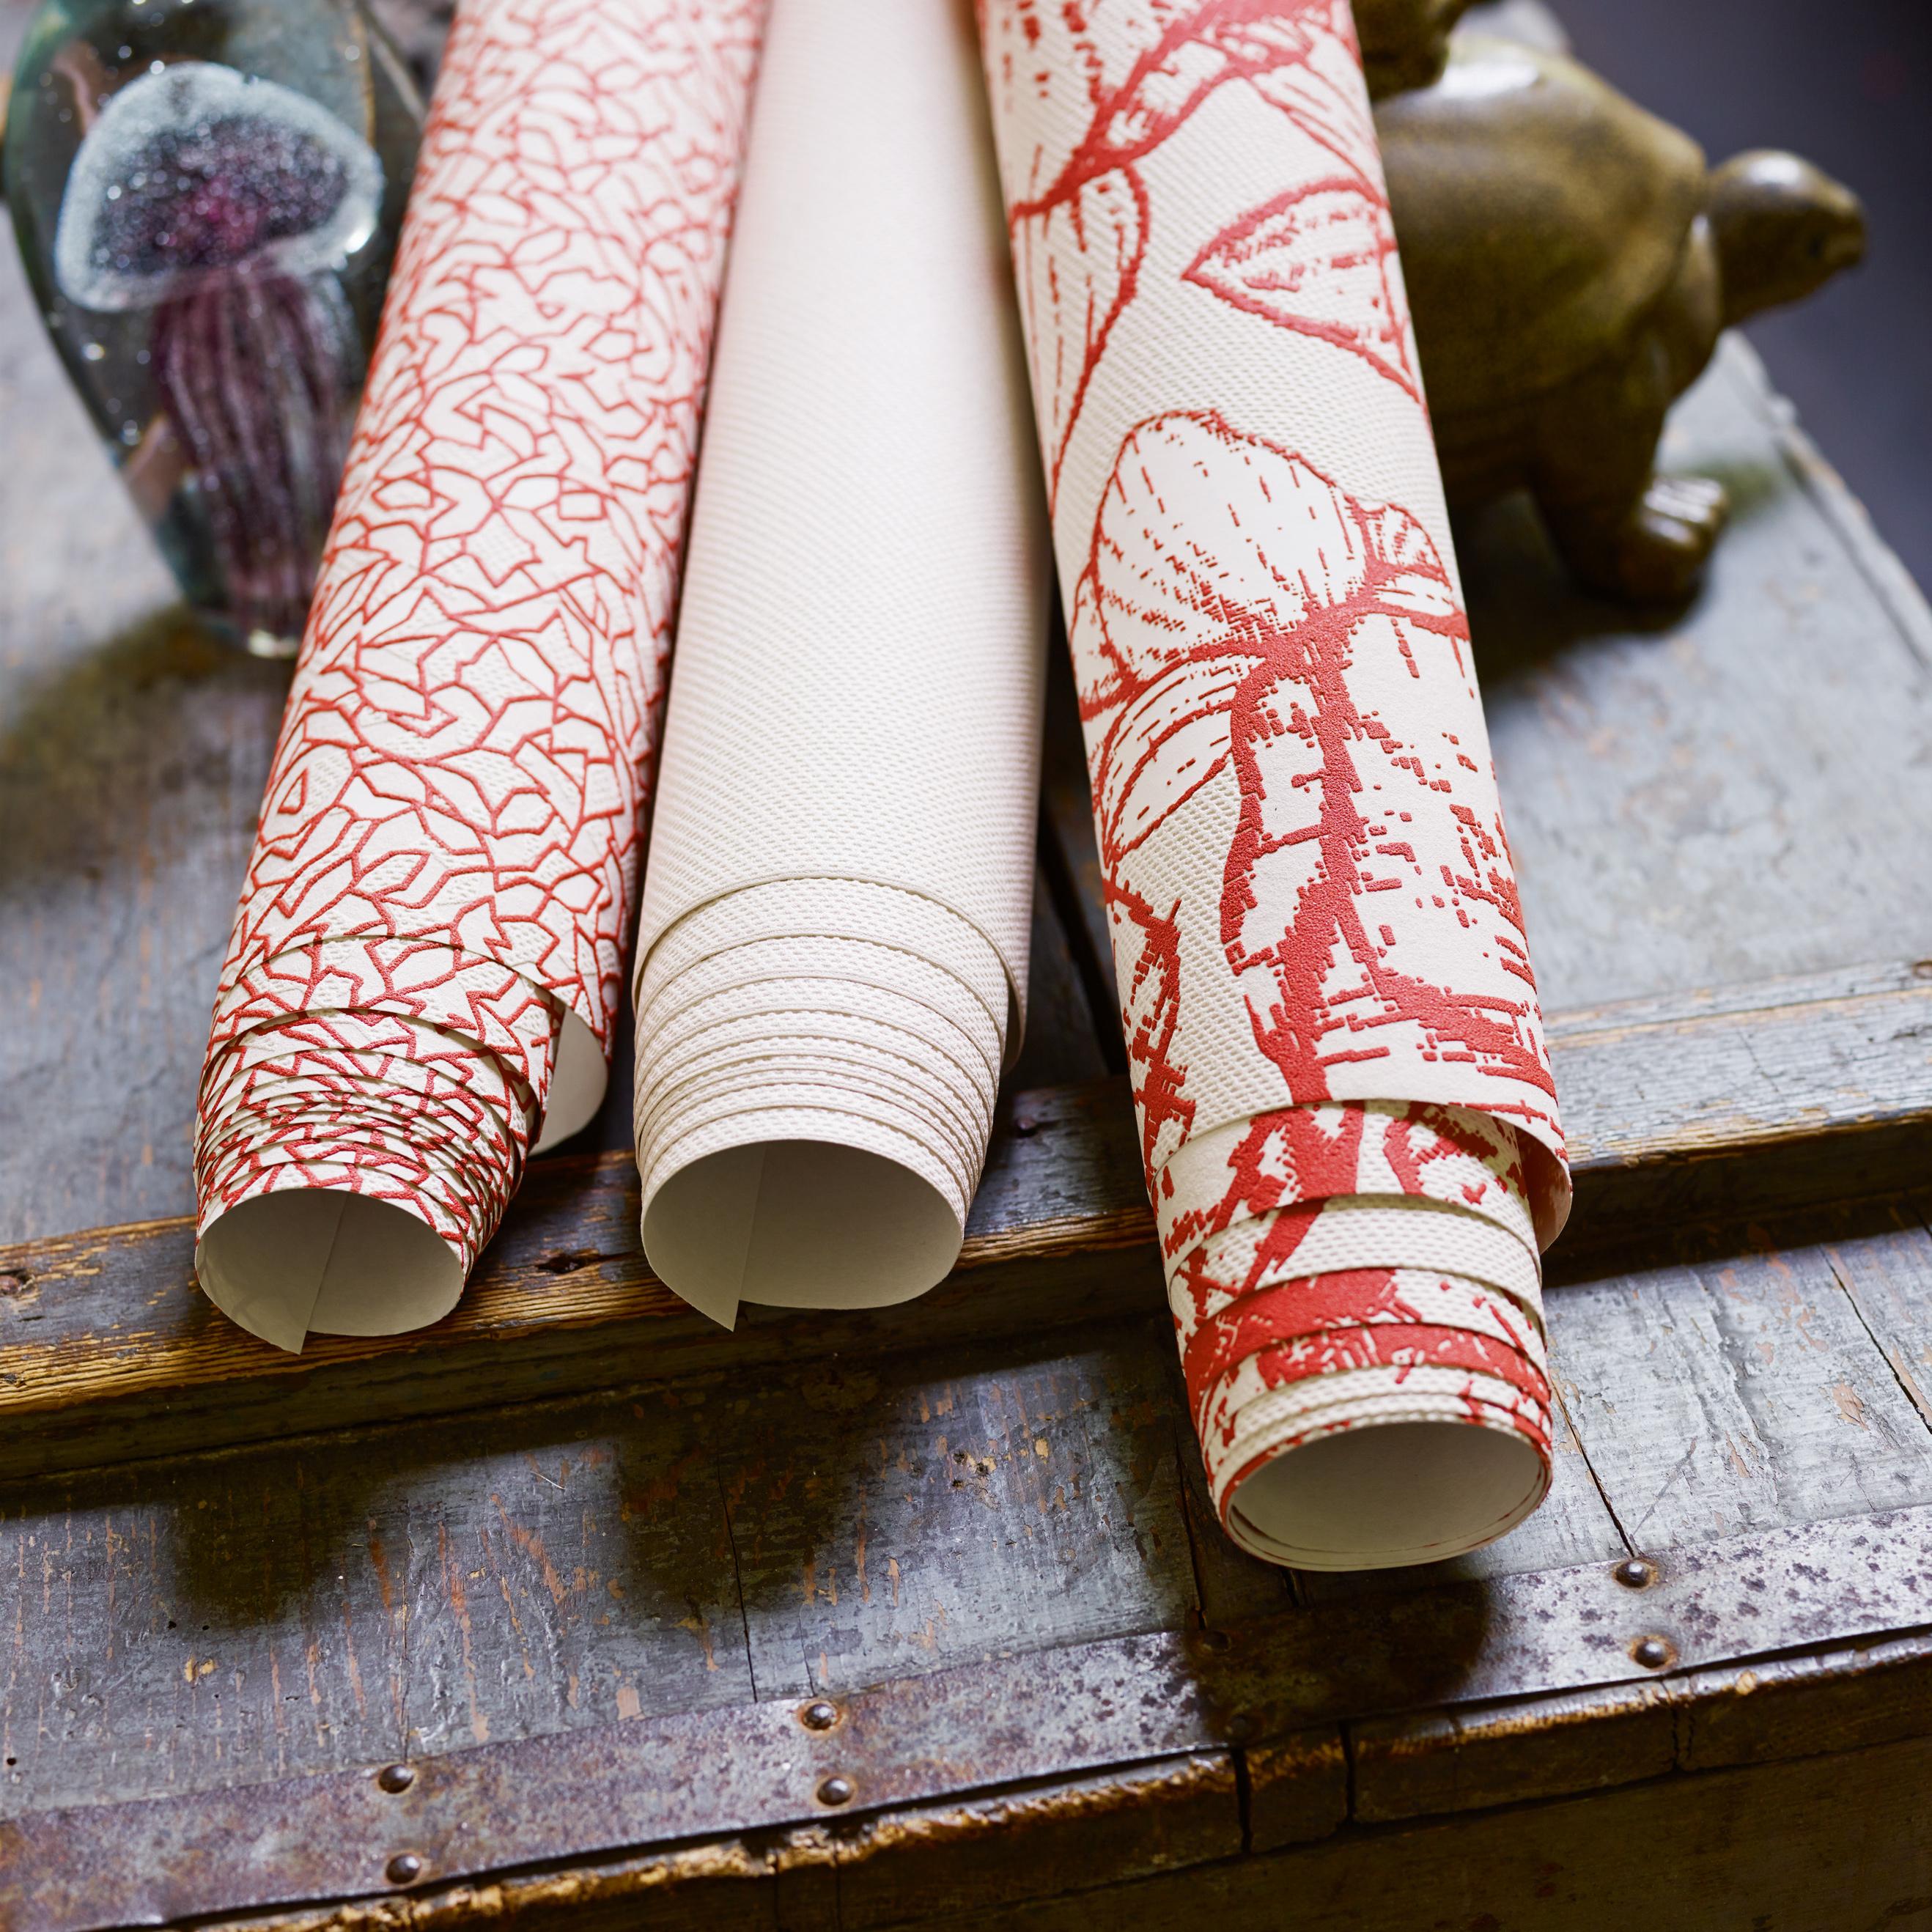 Gemusterte tapeten cape town flower in hummer von esprit for Tapeten suchen